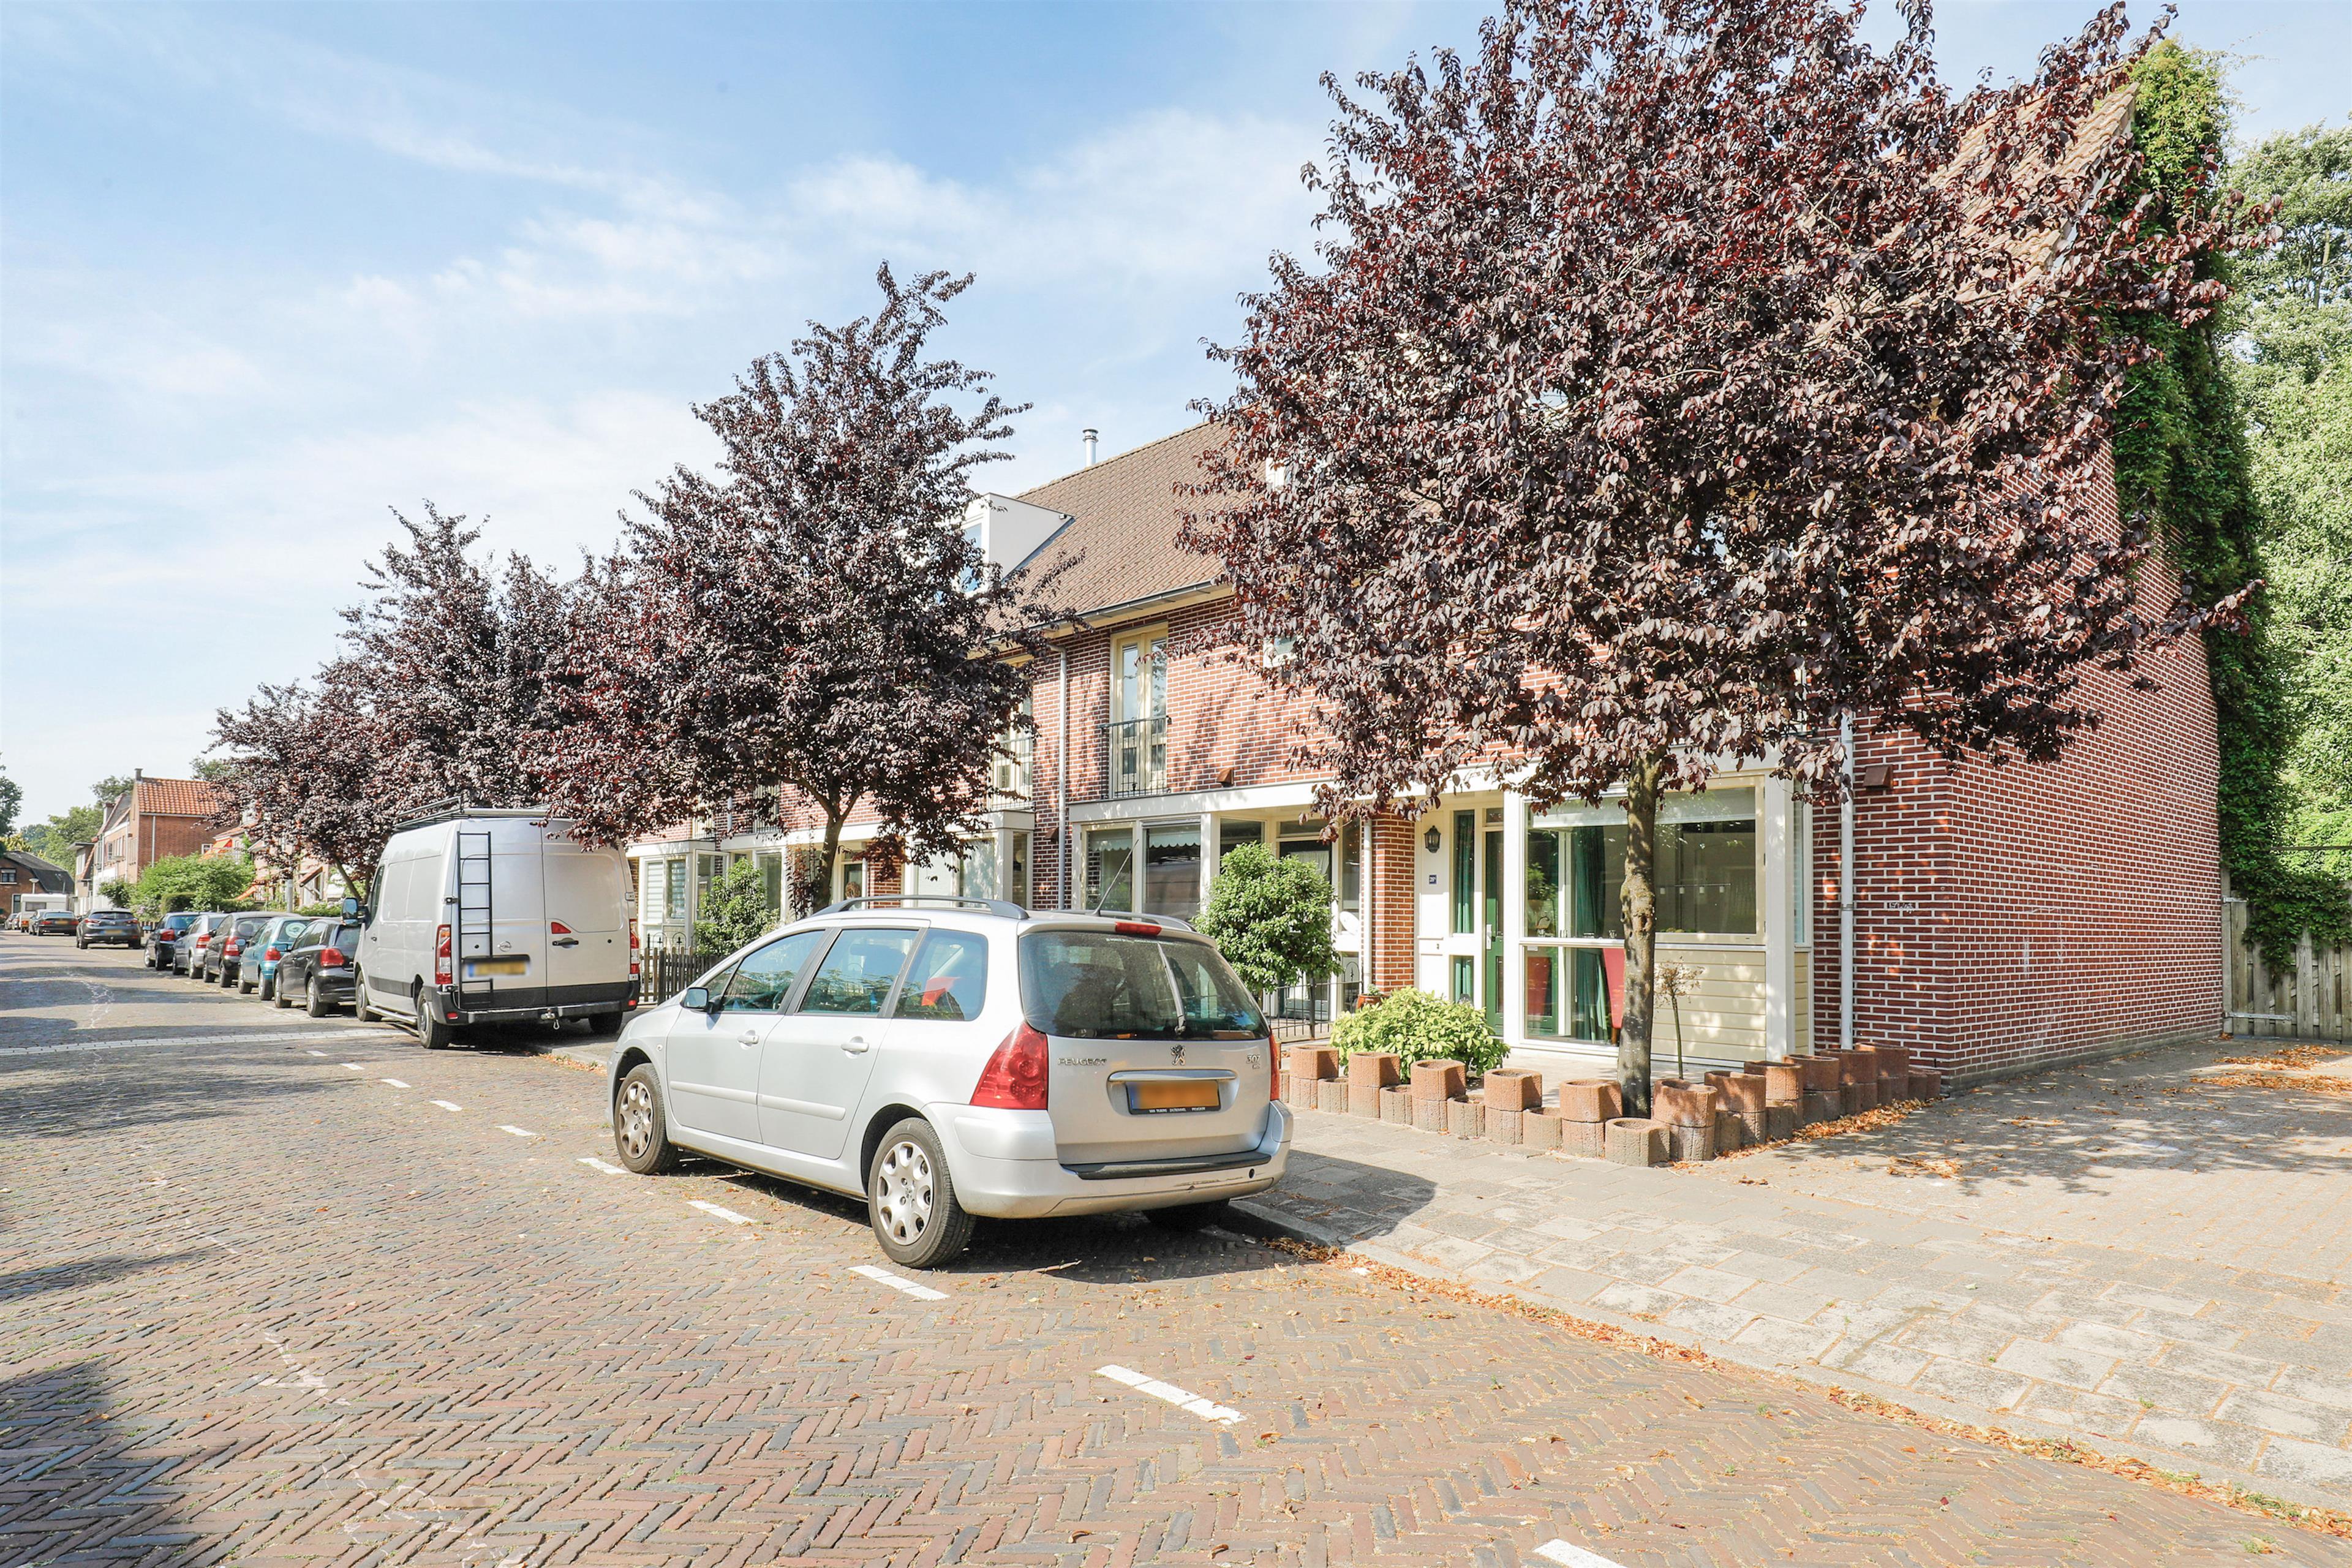 Centrum Garage Amersfoort : Te koop matthias withoosstraat g amersfoort hendriks makelaardij